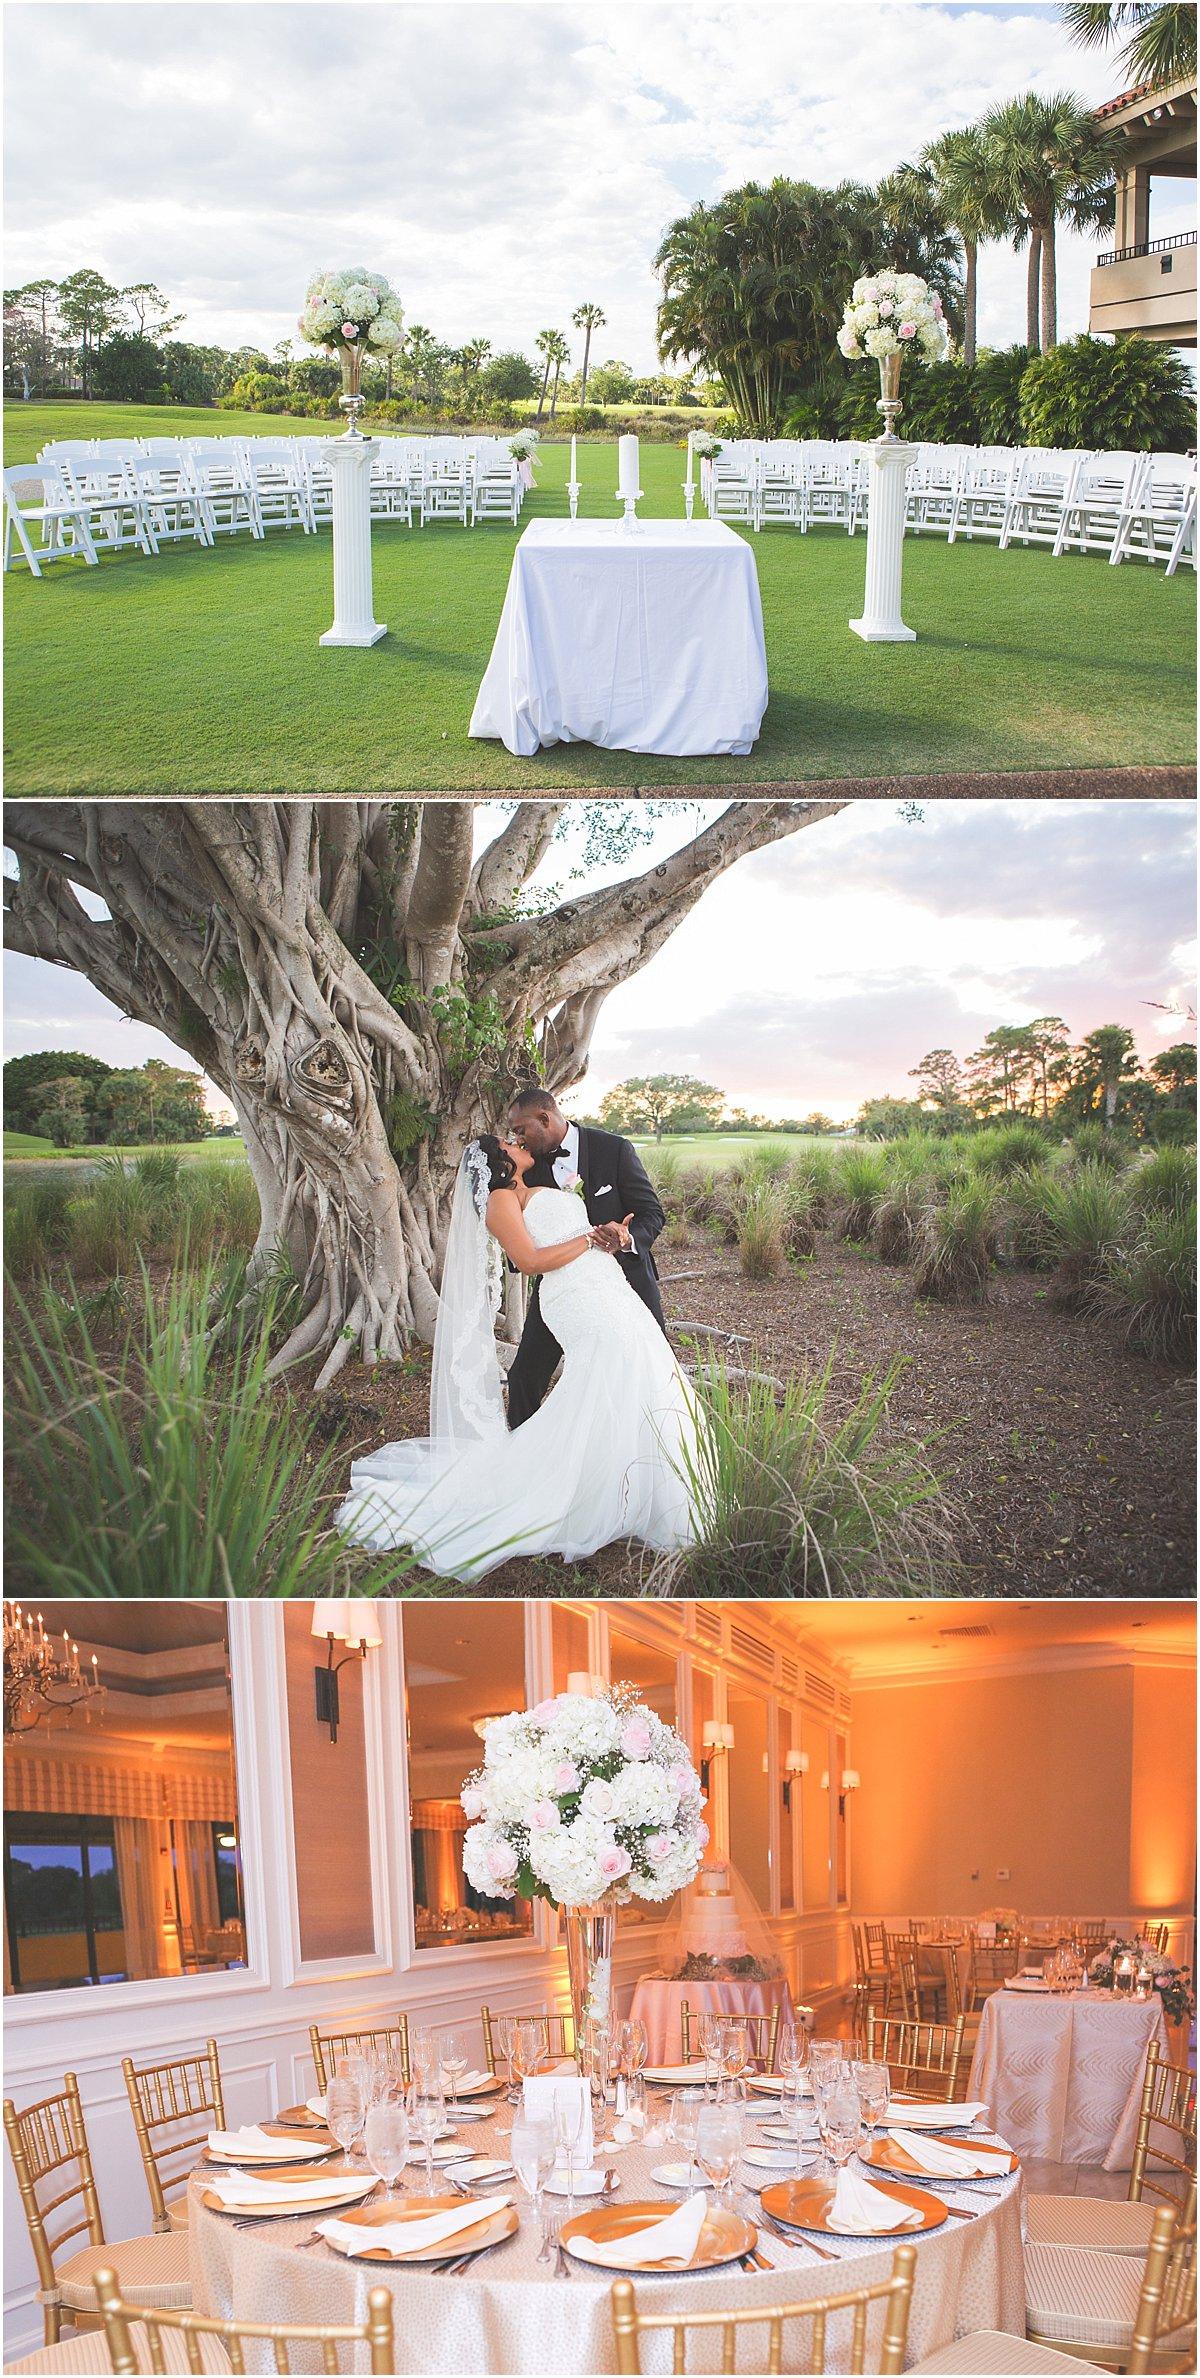 30 Most Por Wedding Venues Of 2017